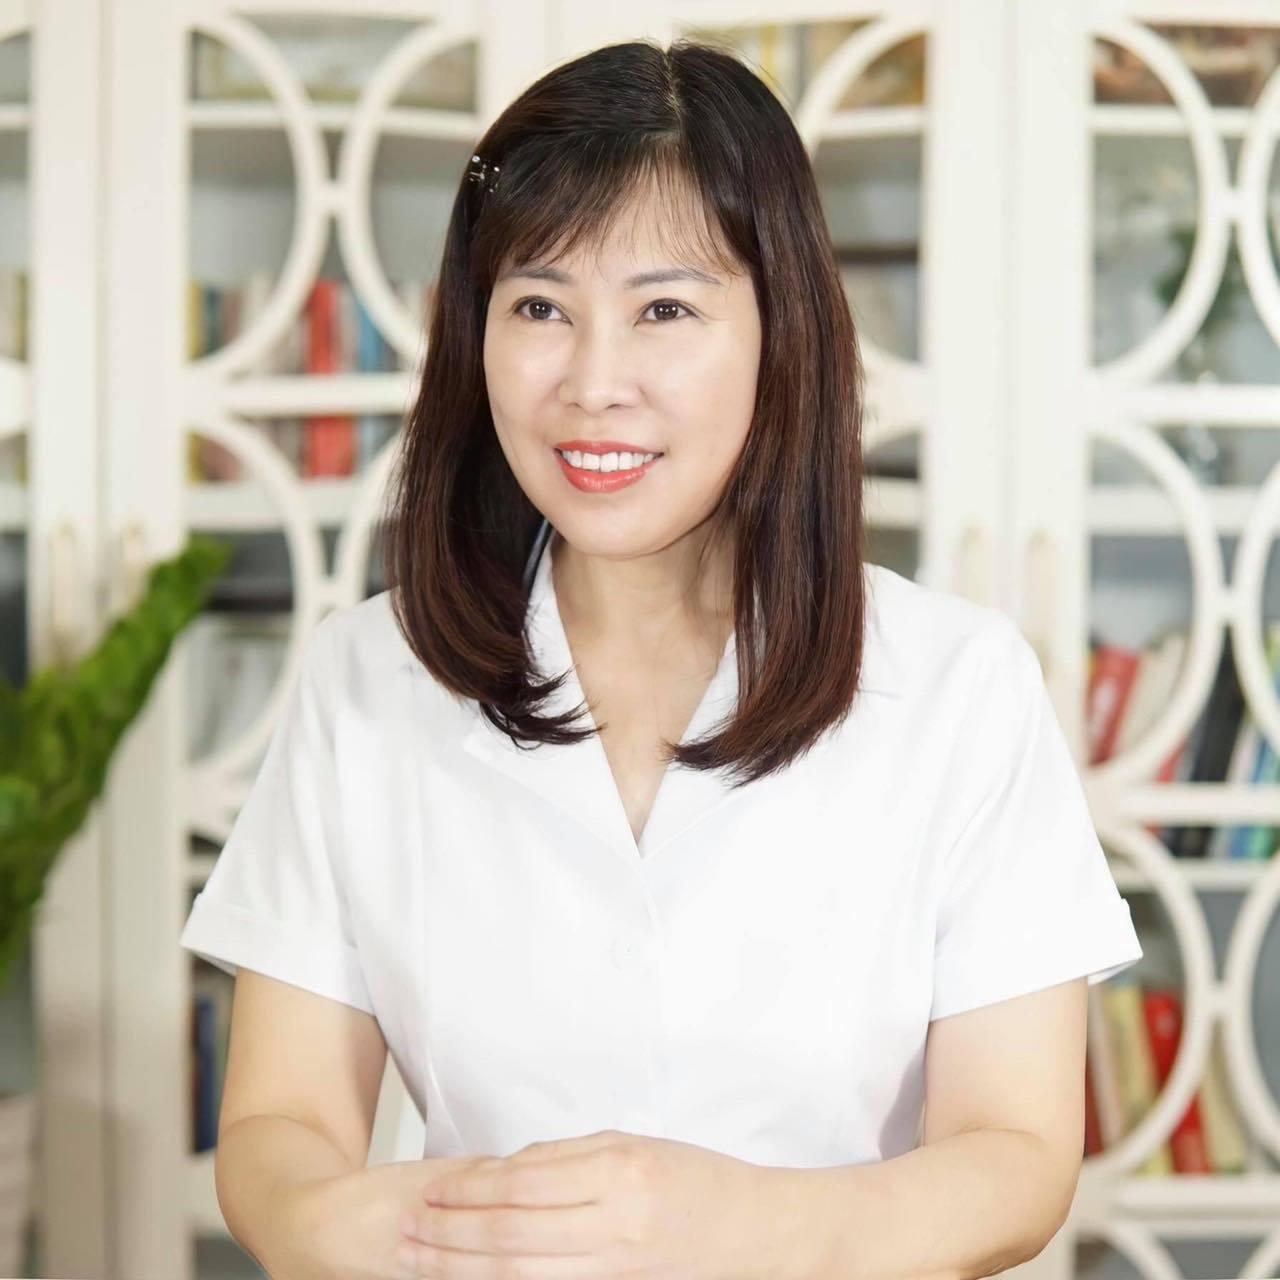 Harvard,du học mỹ,Tôn Hà Anh,Tôn Hiền Anh,chọn bạn đời